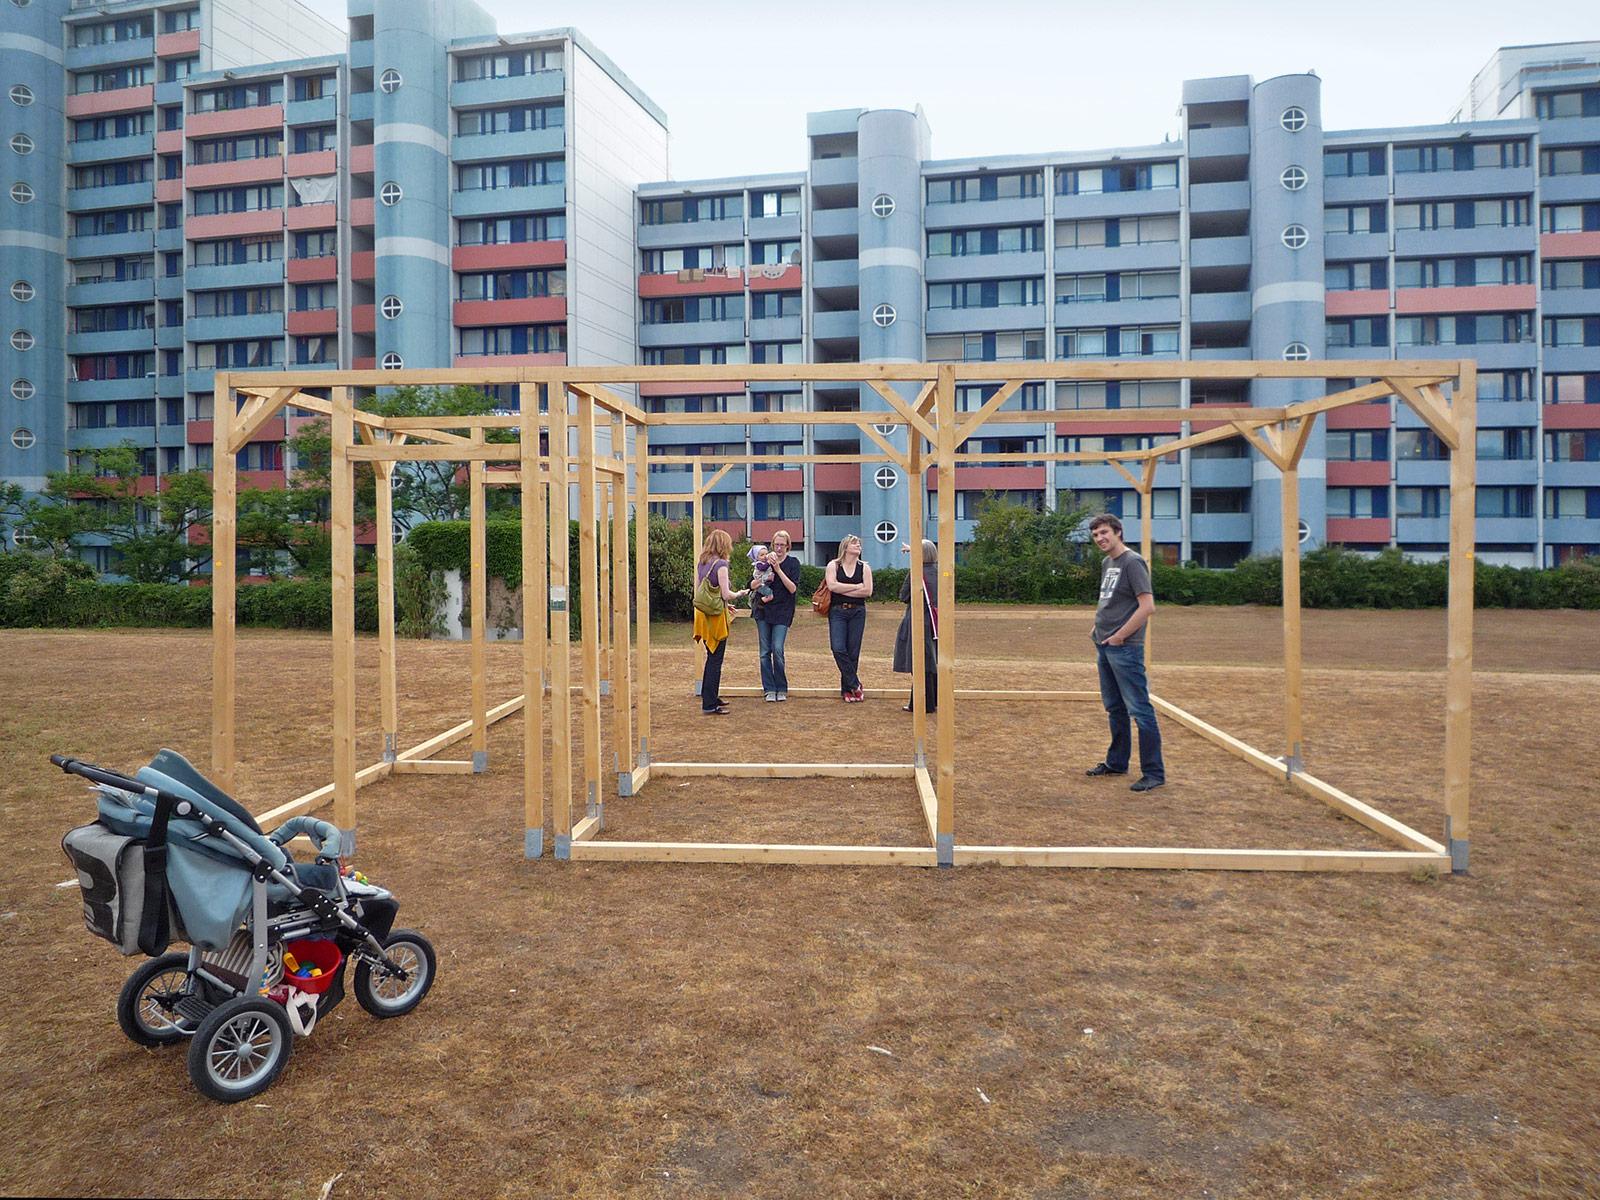 Luftmodell, 1-Zimmer Wohnung, Herzogenart 2011, Mannheim